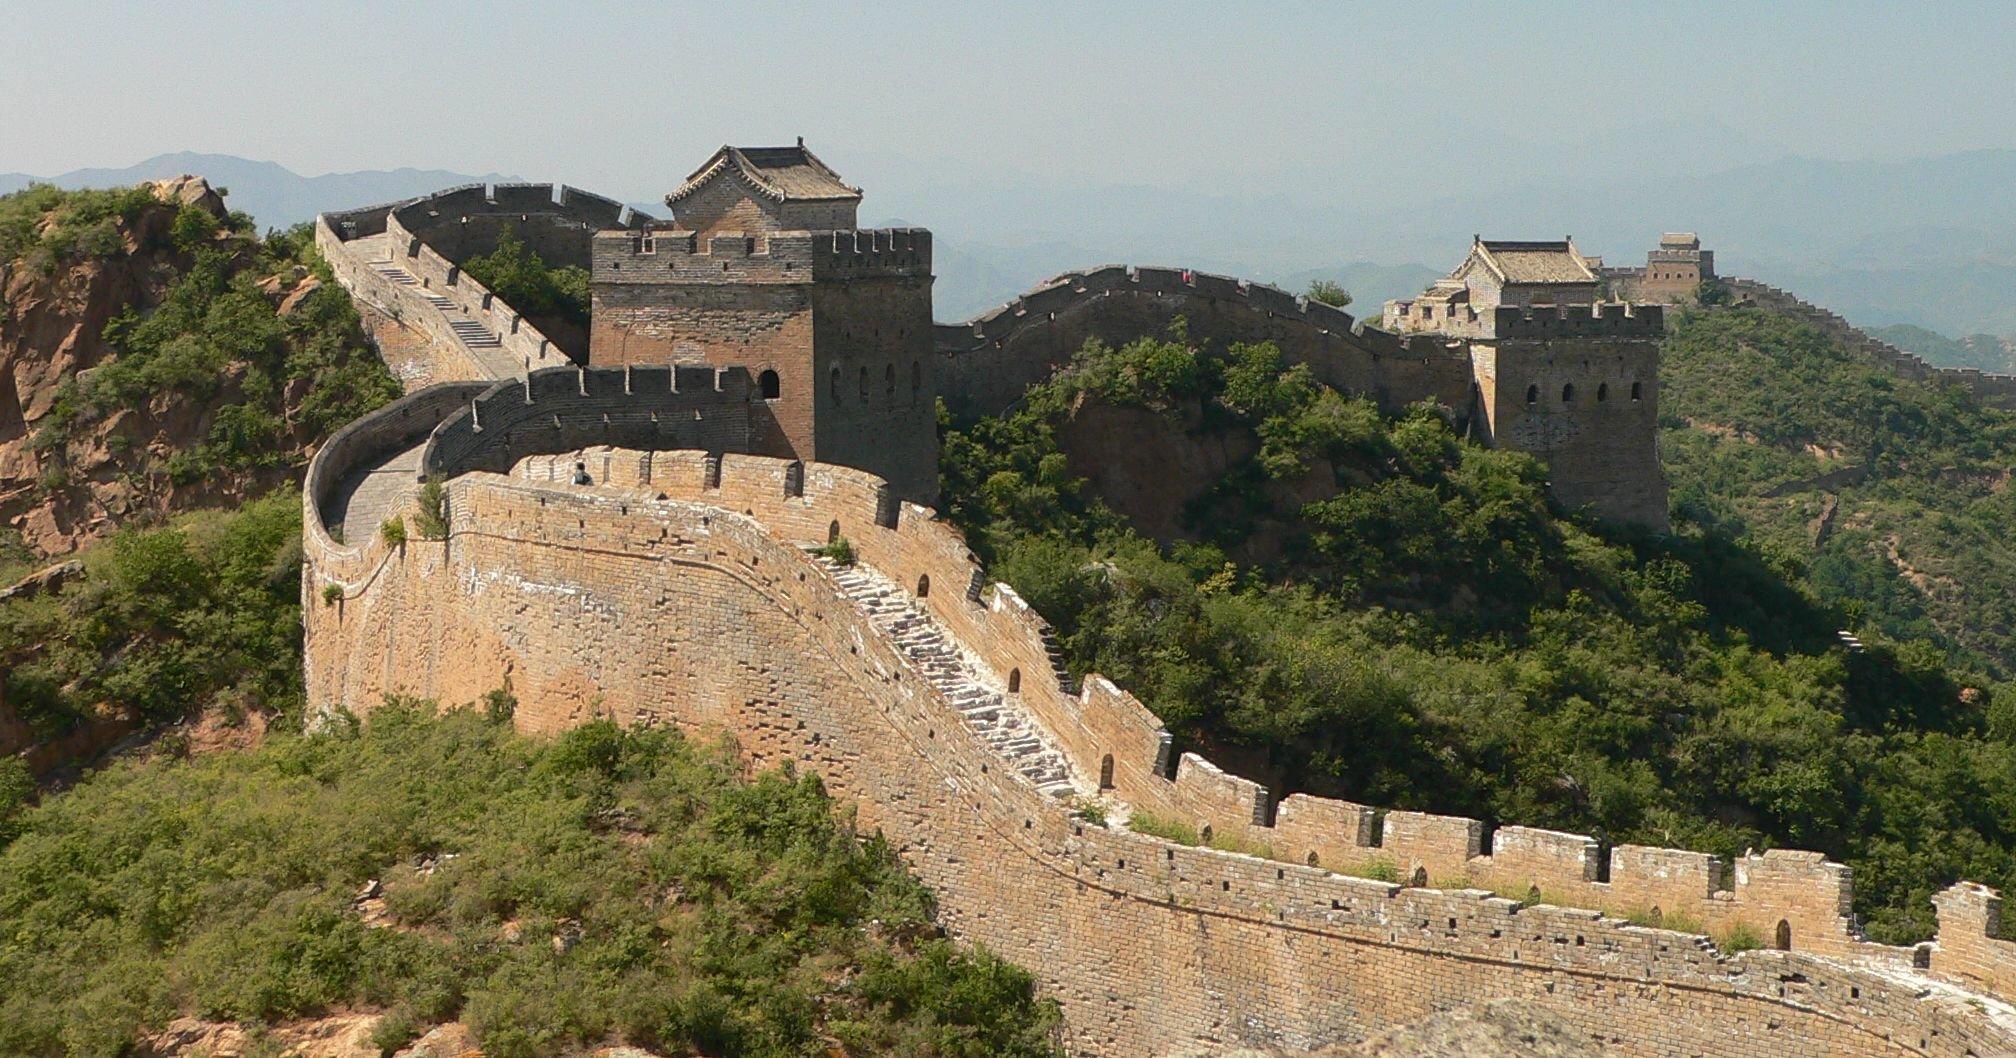 Wielki Mur Chiński Źródło: Craig Nagy, Wielki Mur Chiński, licencja: CC BY-SA 2.0.